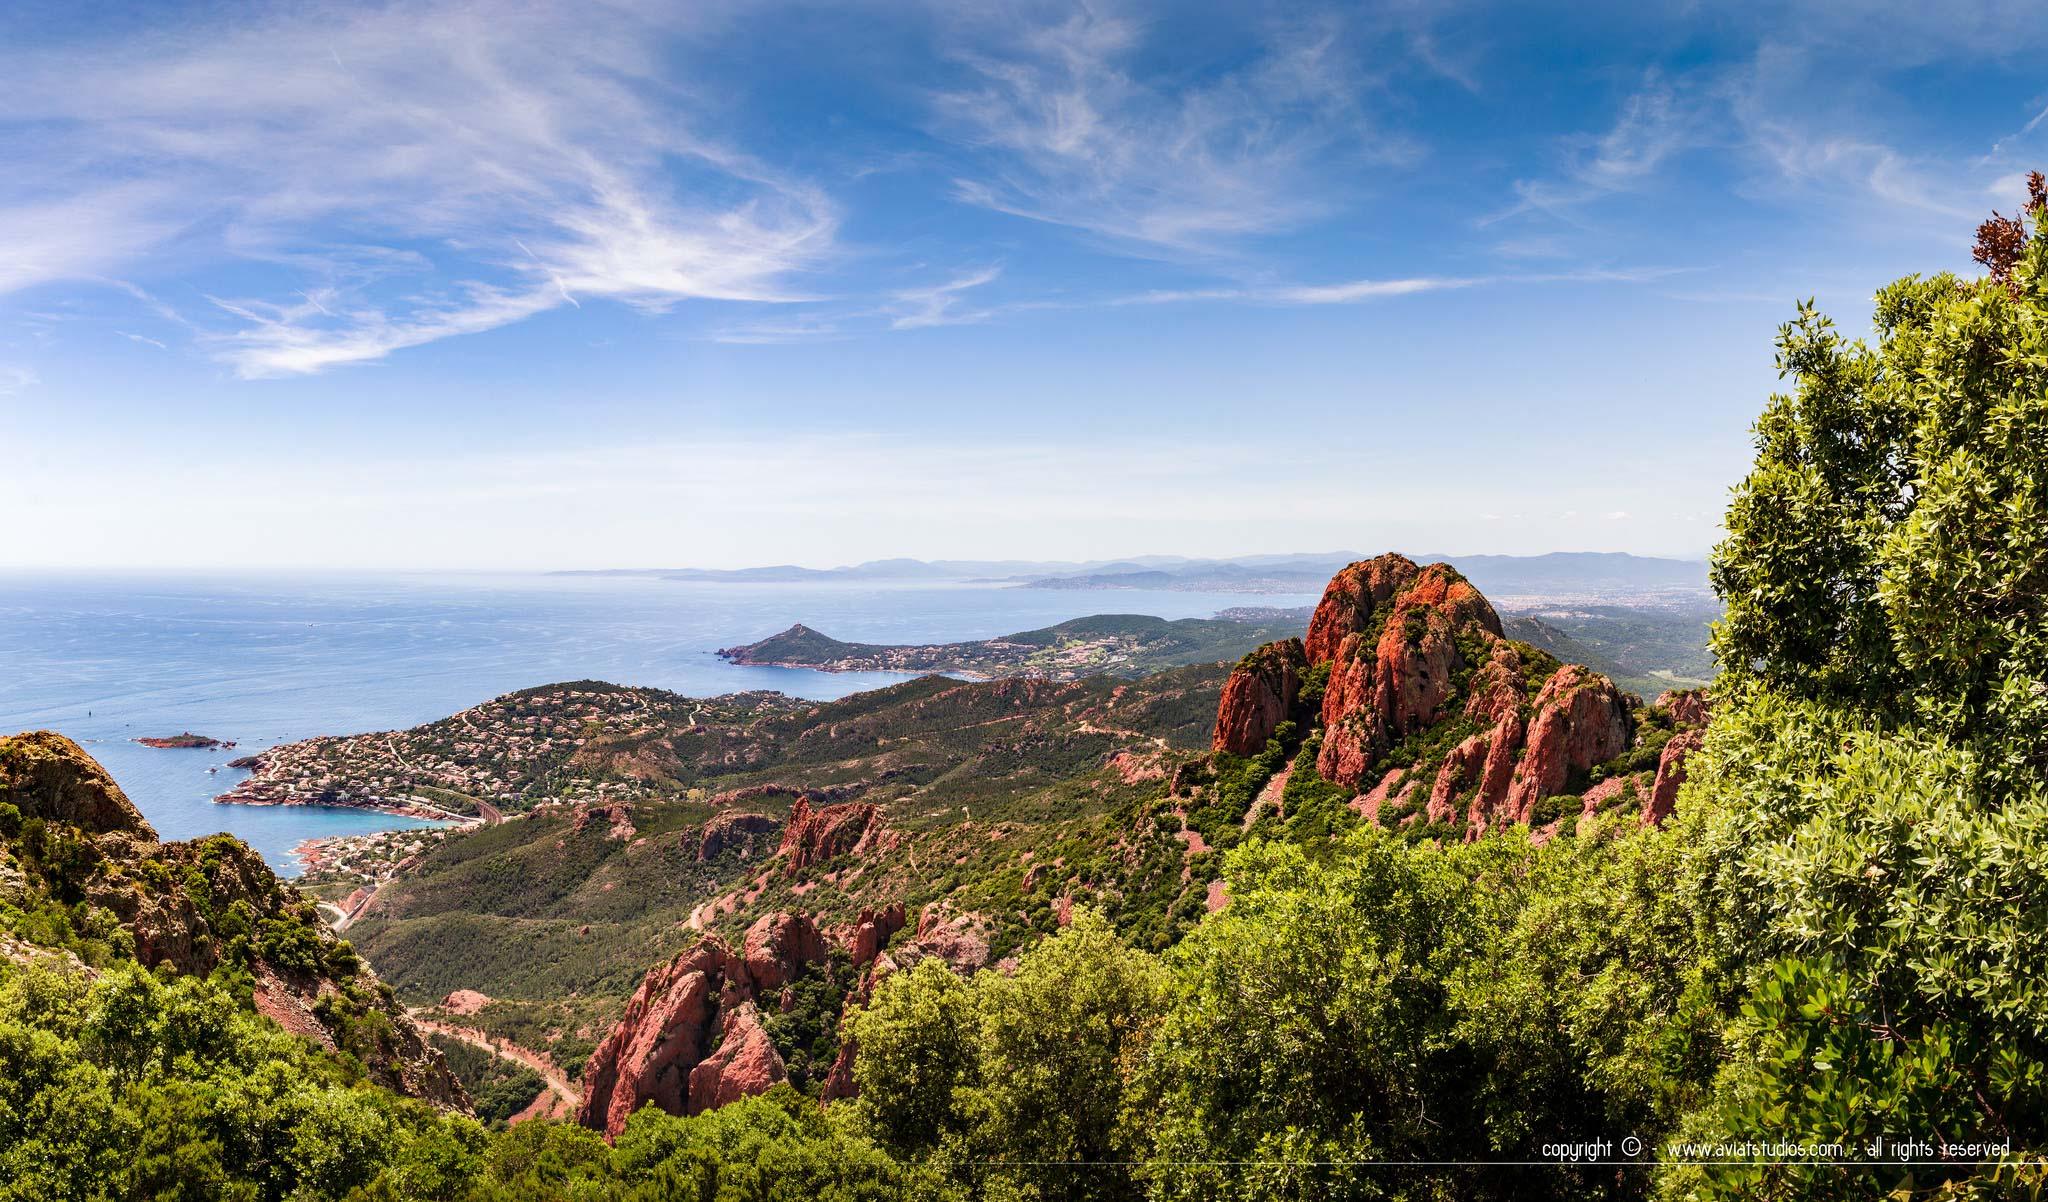 Randonnée dans l'Estérel - Panorama vers l'ouest